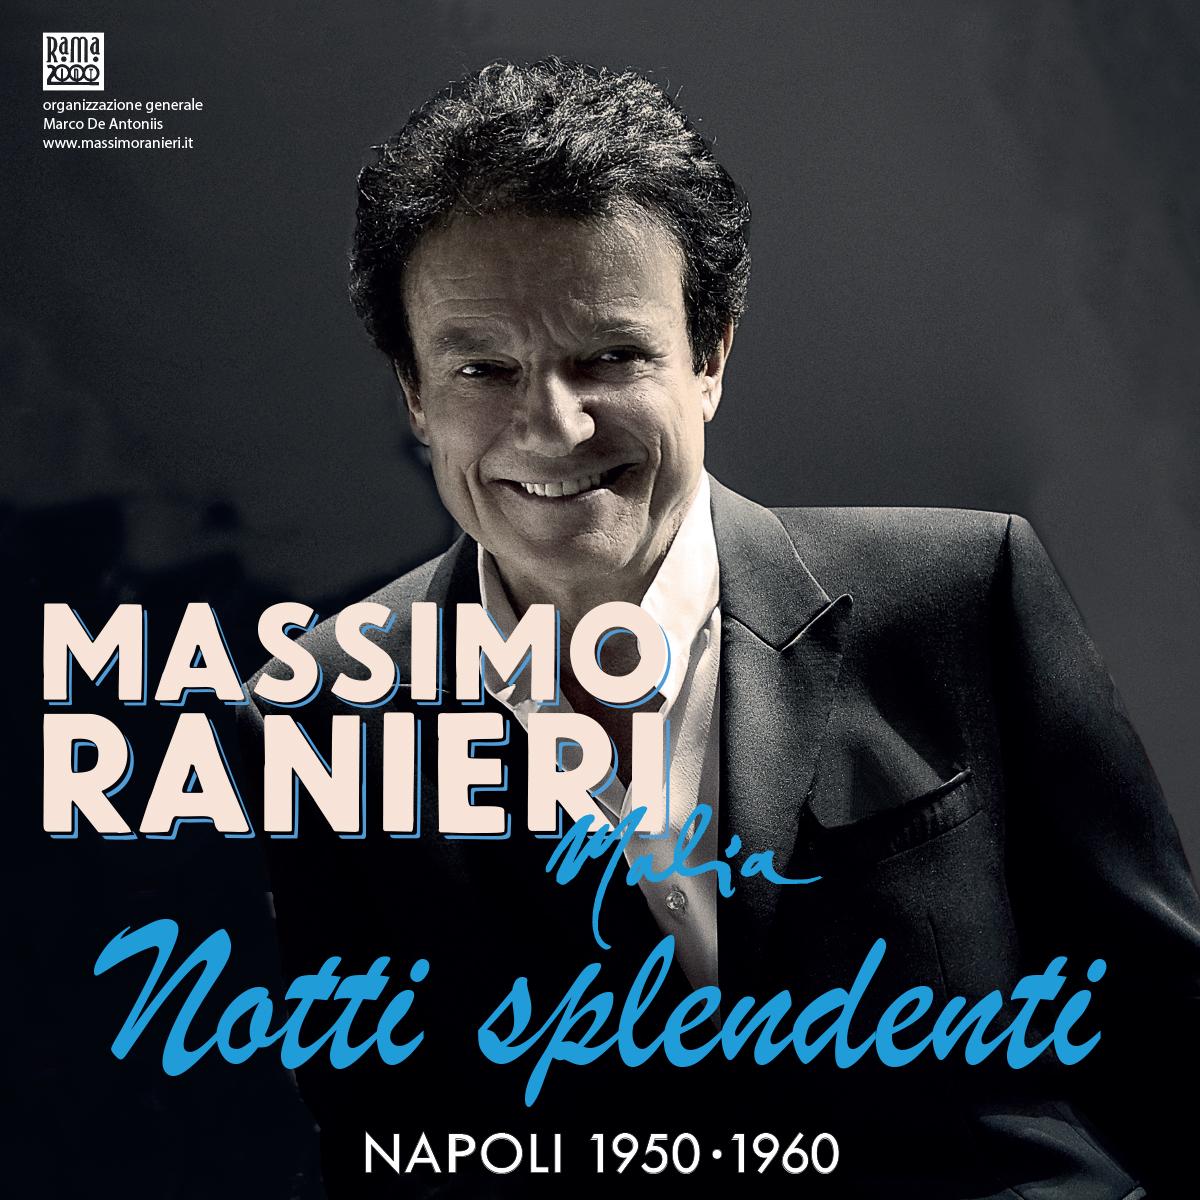 """MASSIMO RANIERI AL MEETING DEL CERVATI 2019 CON """"MALIA NAPOLETANA"""""""